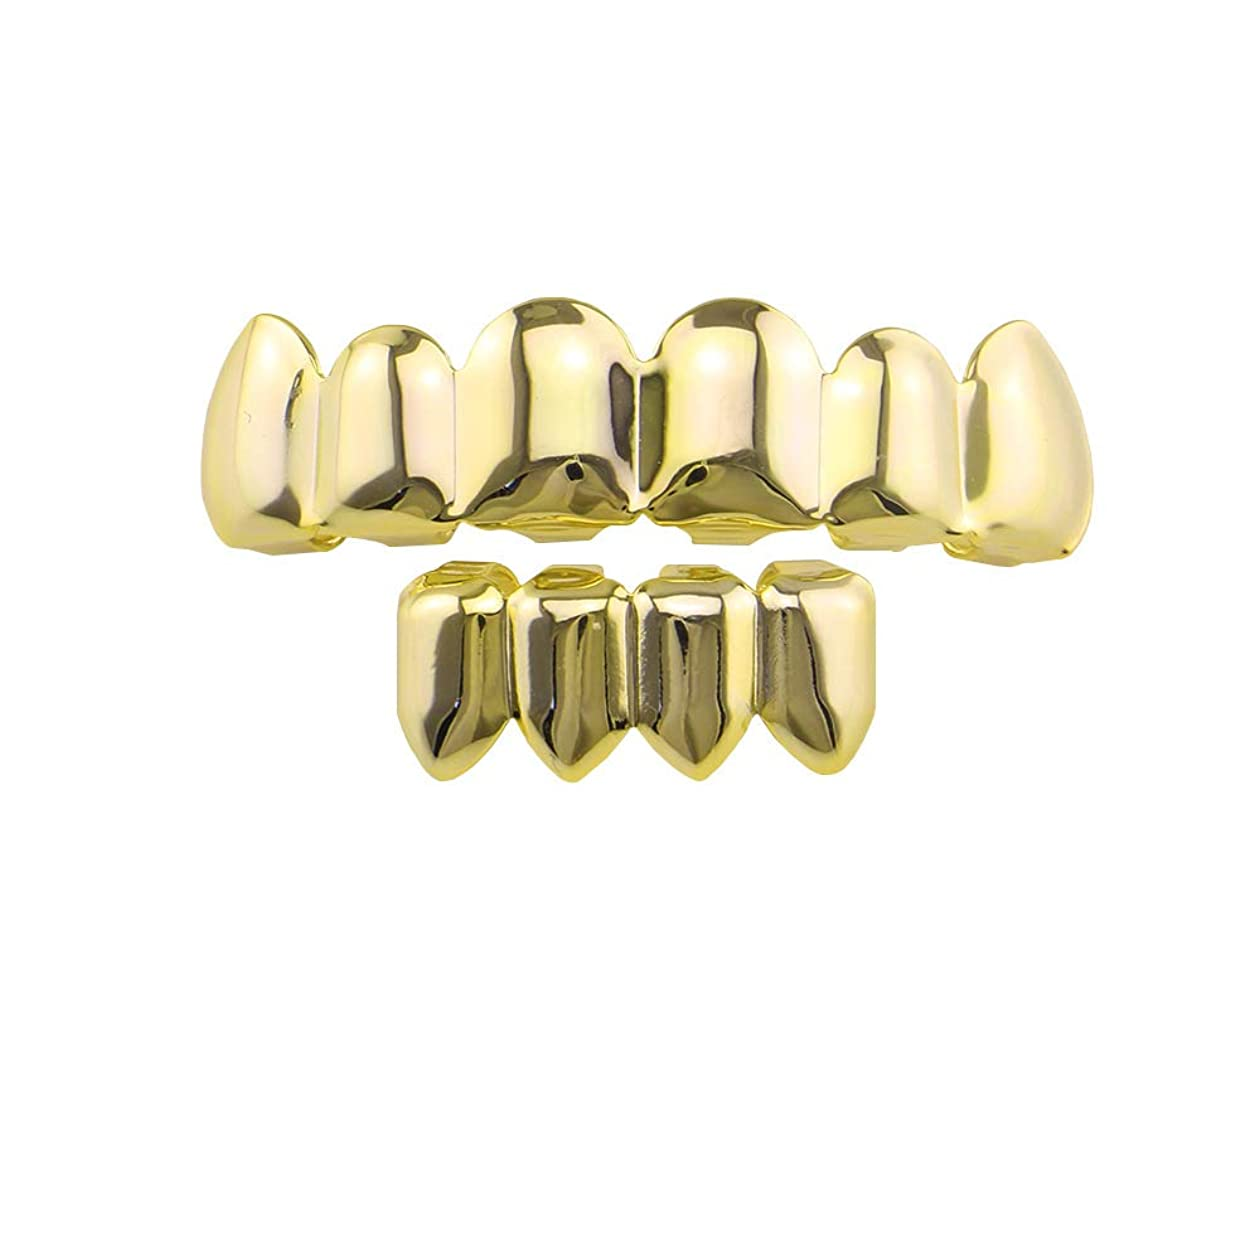 悪用マイルド自己尊重光沢のあるヒップホップの歯ヨーロッパとアメリカのジュエリーゴールドメッキゴールドブレースユニセックスファッションヒップホップの歯ジュエリー装飾銅歯ブレースハロウィーンの装飾,B